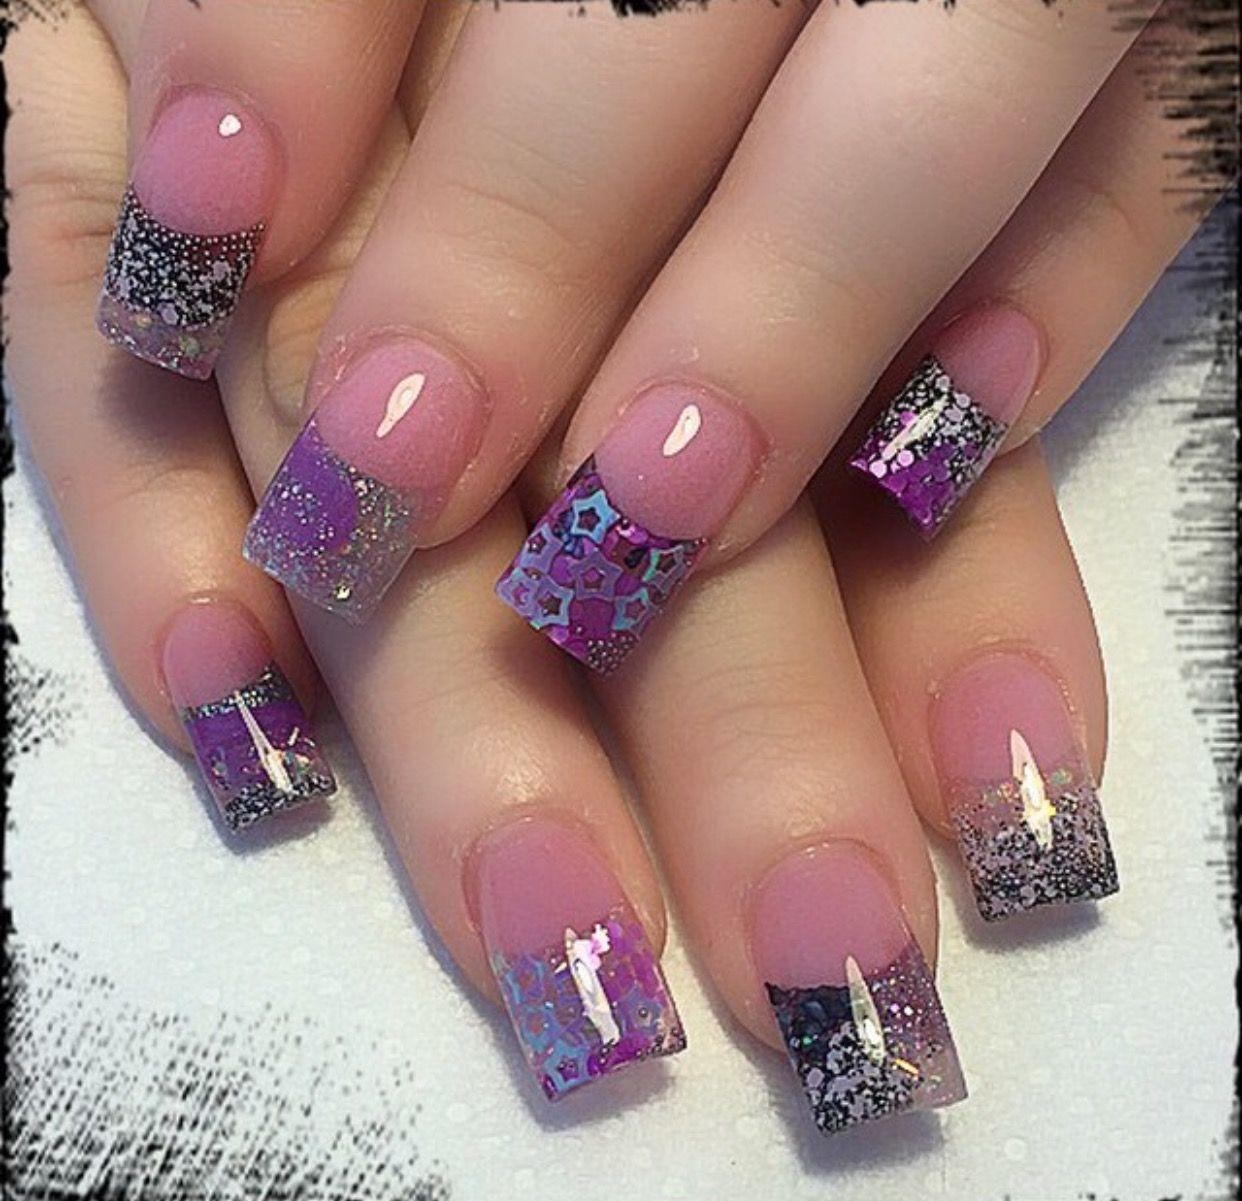 Encapsulated nails kanije nails pinterest encapsulated nails encapsulated nails prinsesfo Choice Image